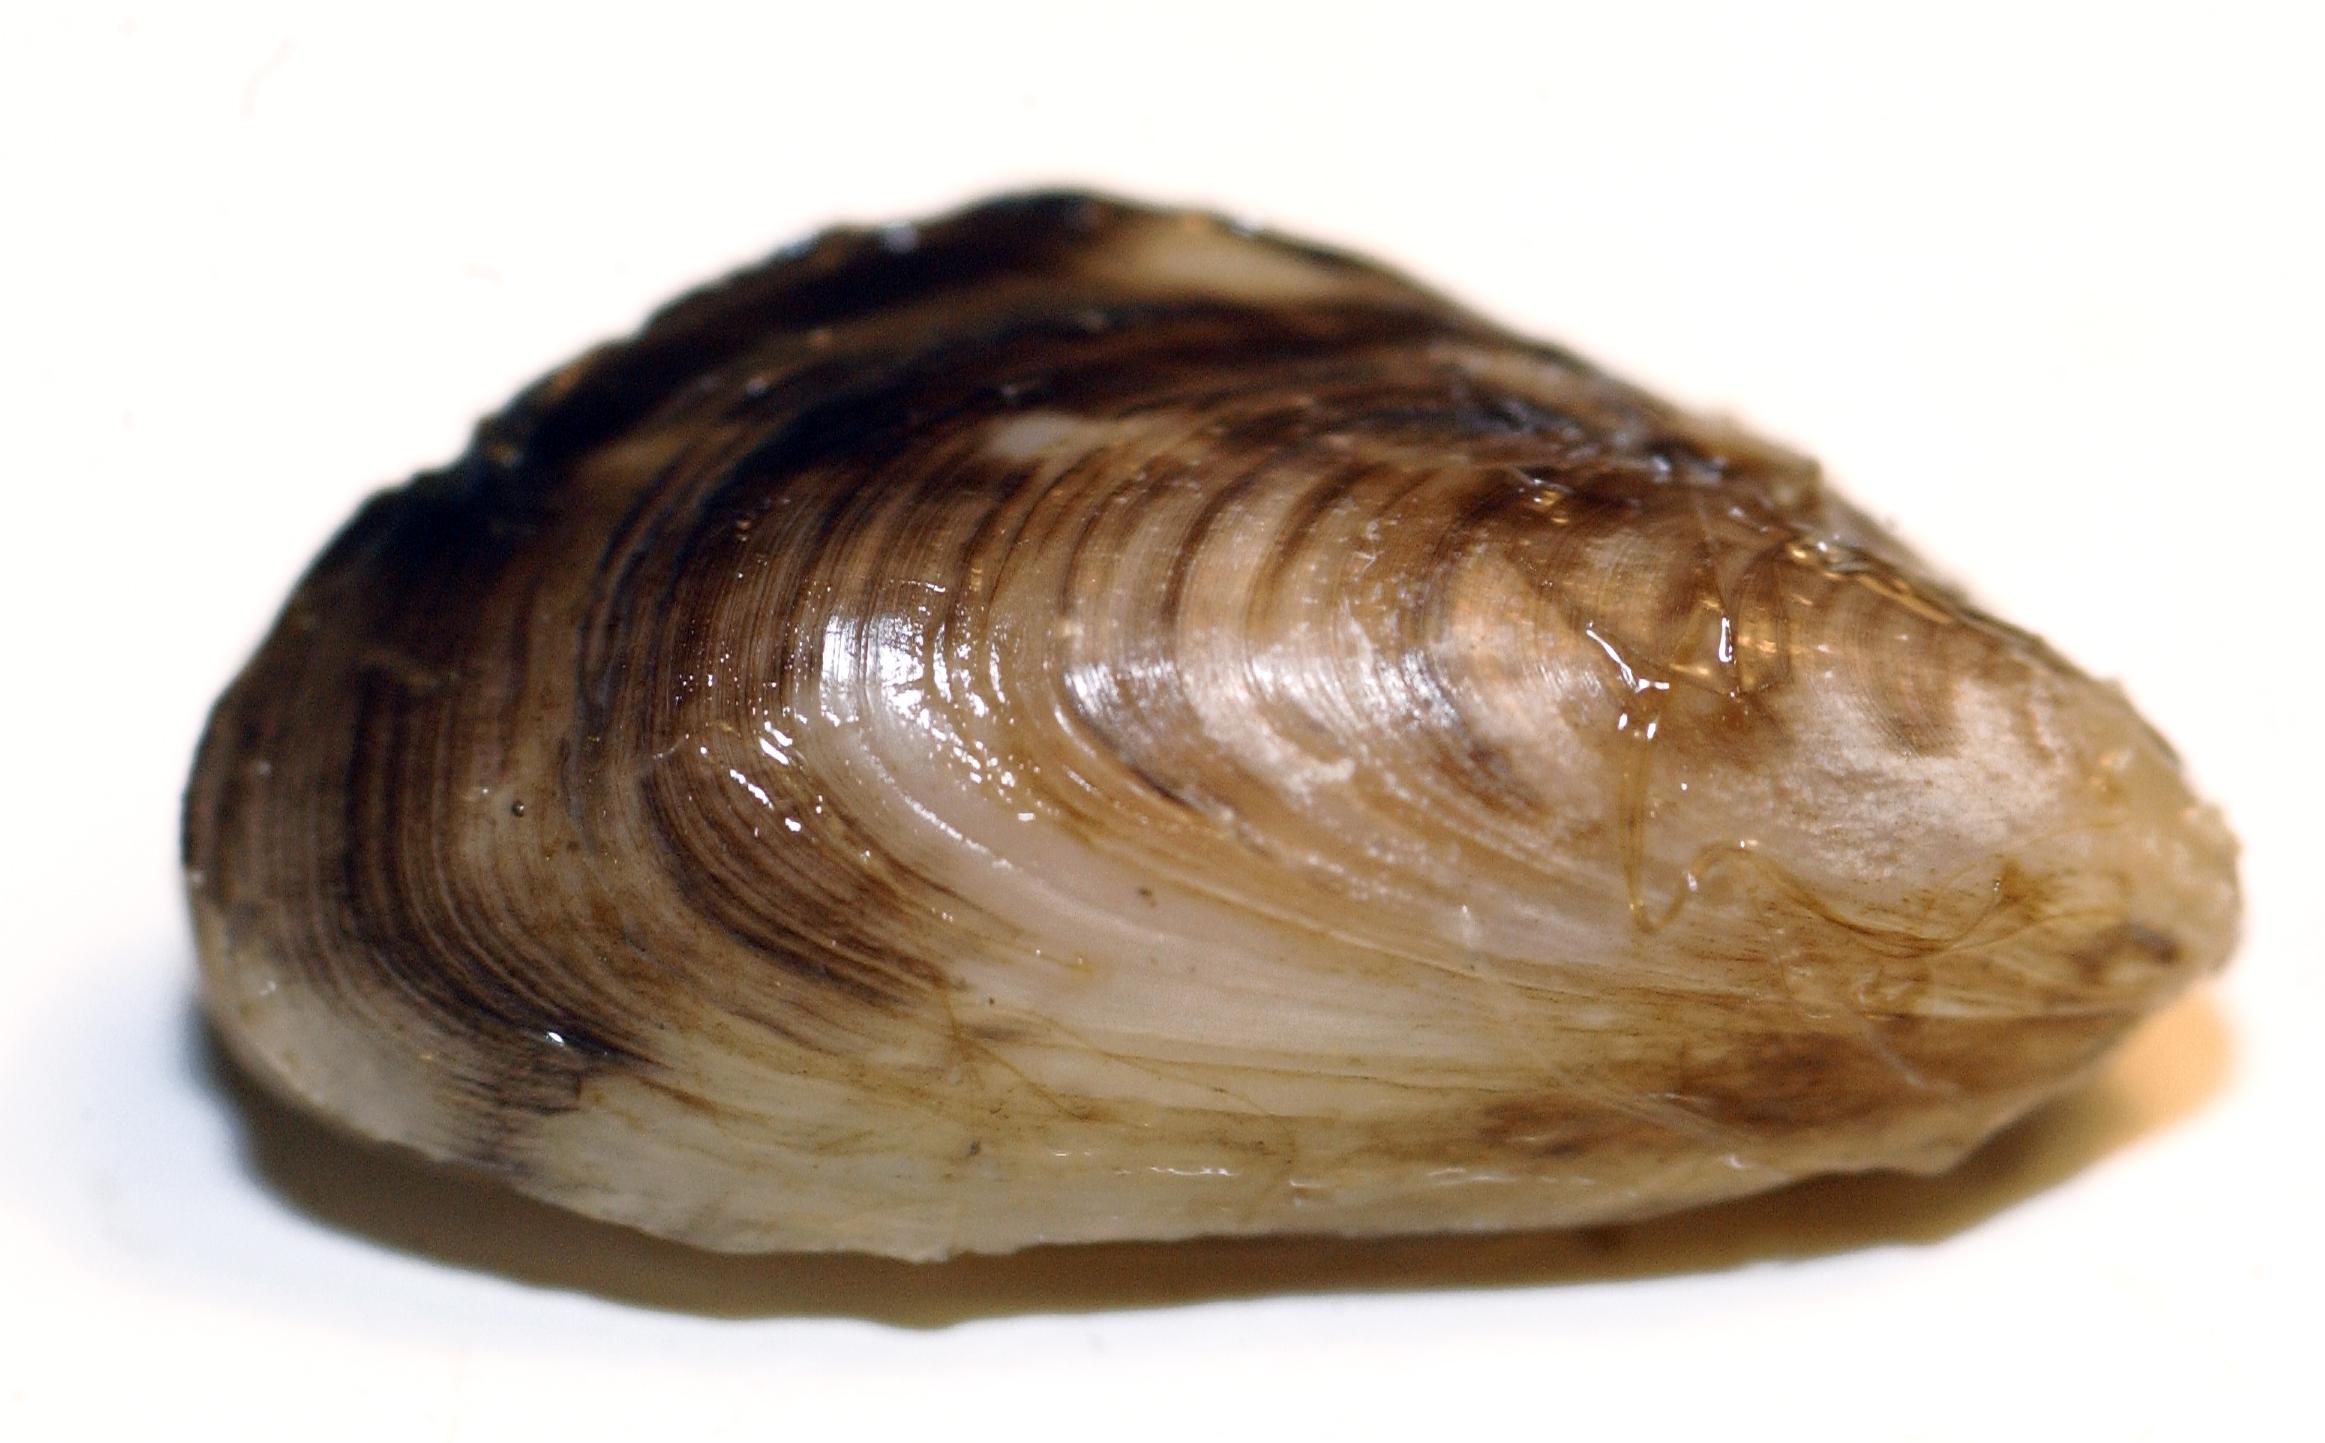 Quagga mussel. Image credit: Dave Brenner, Michigan Sea Grant